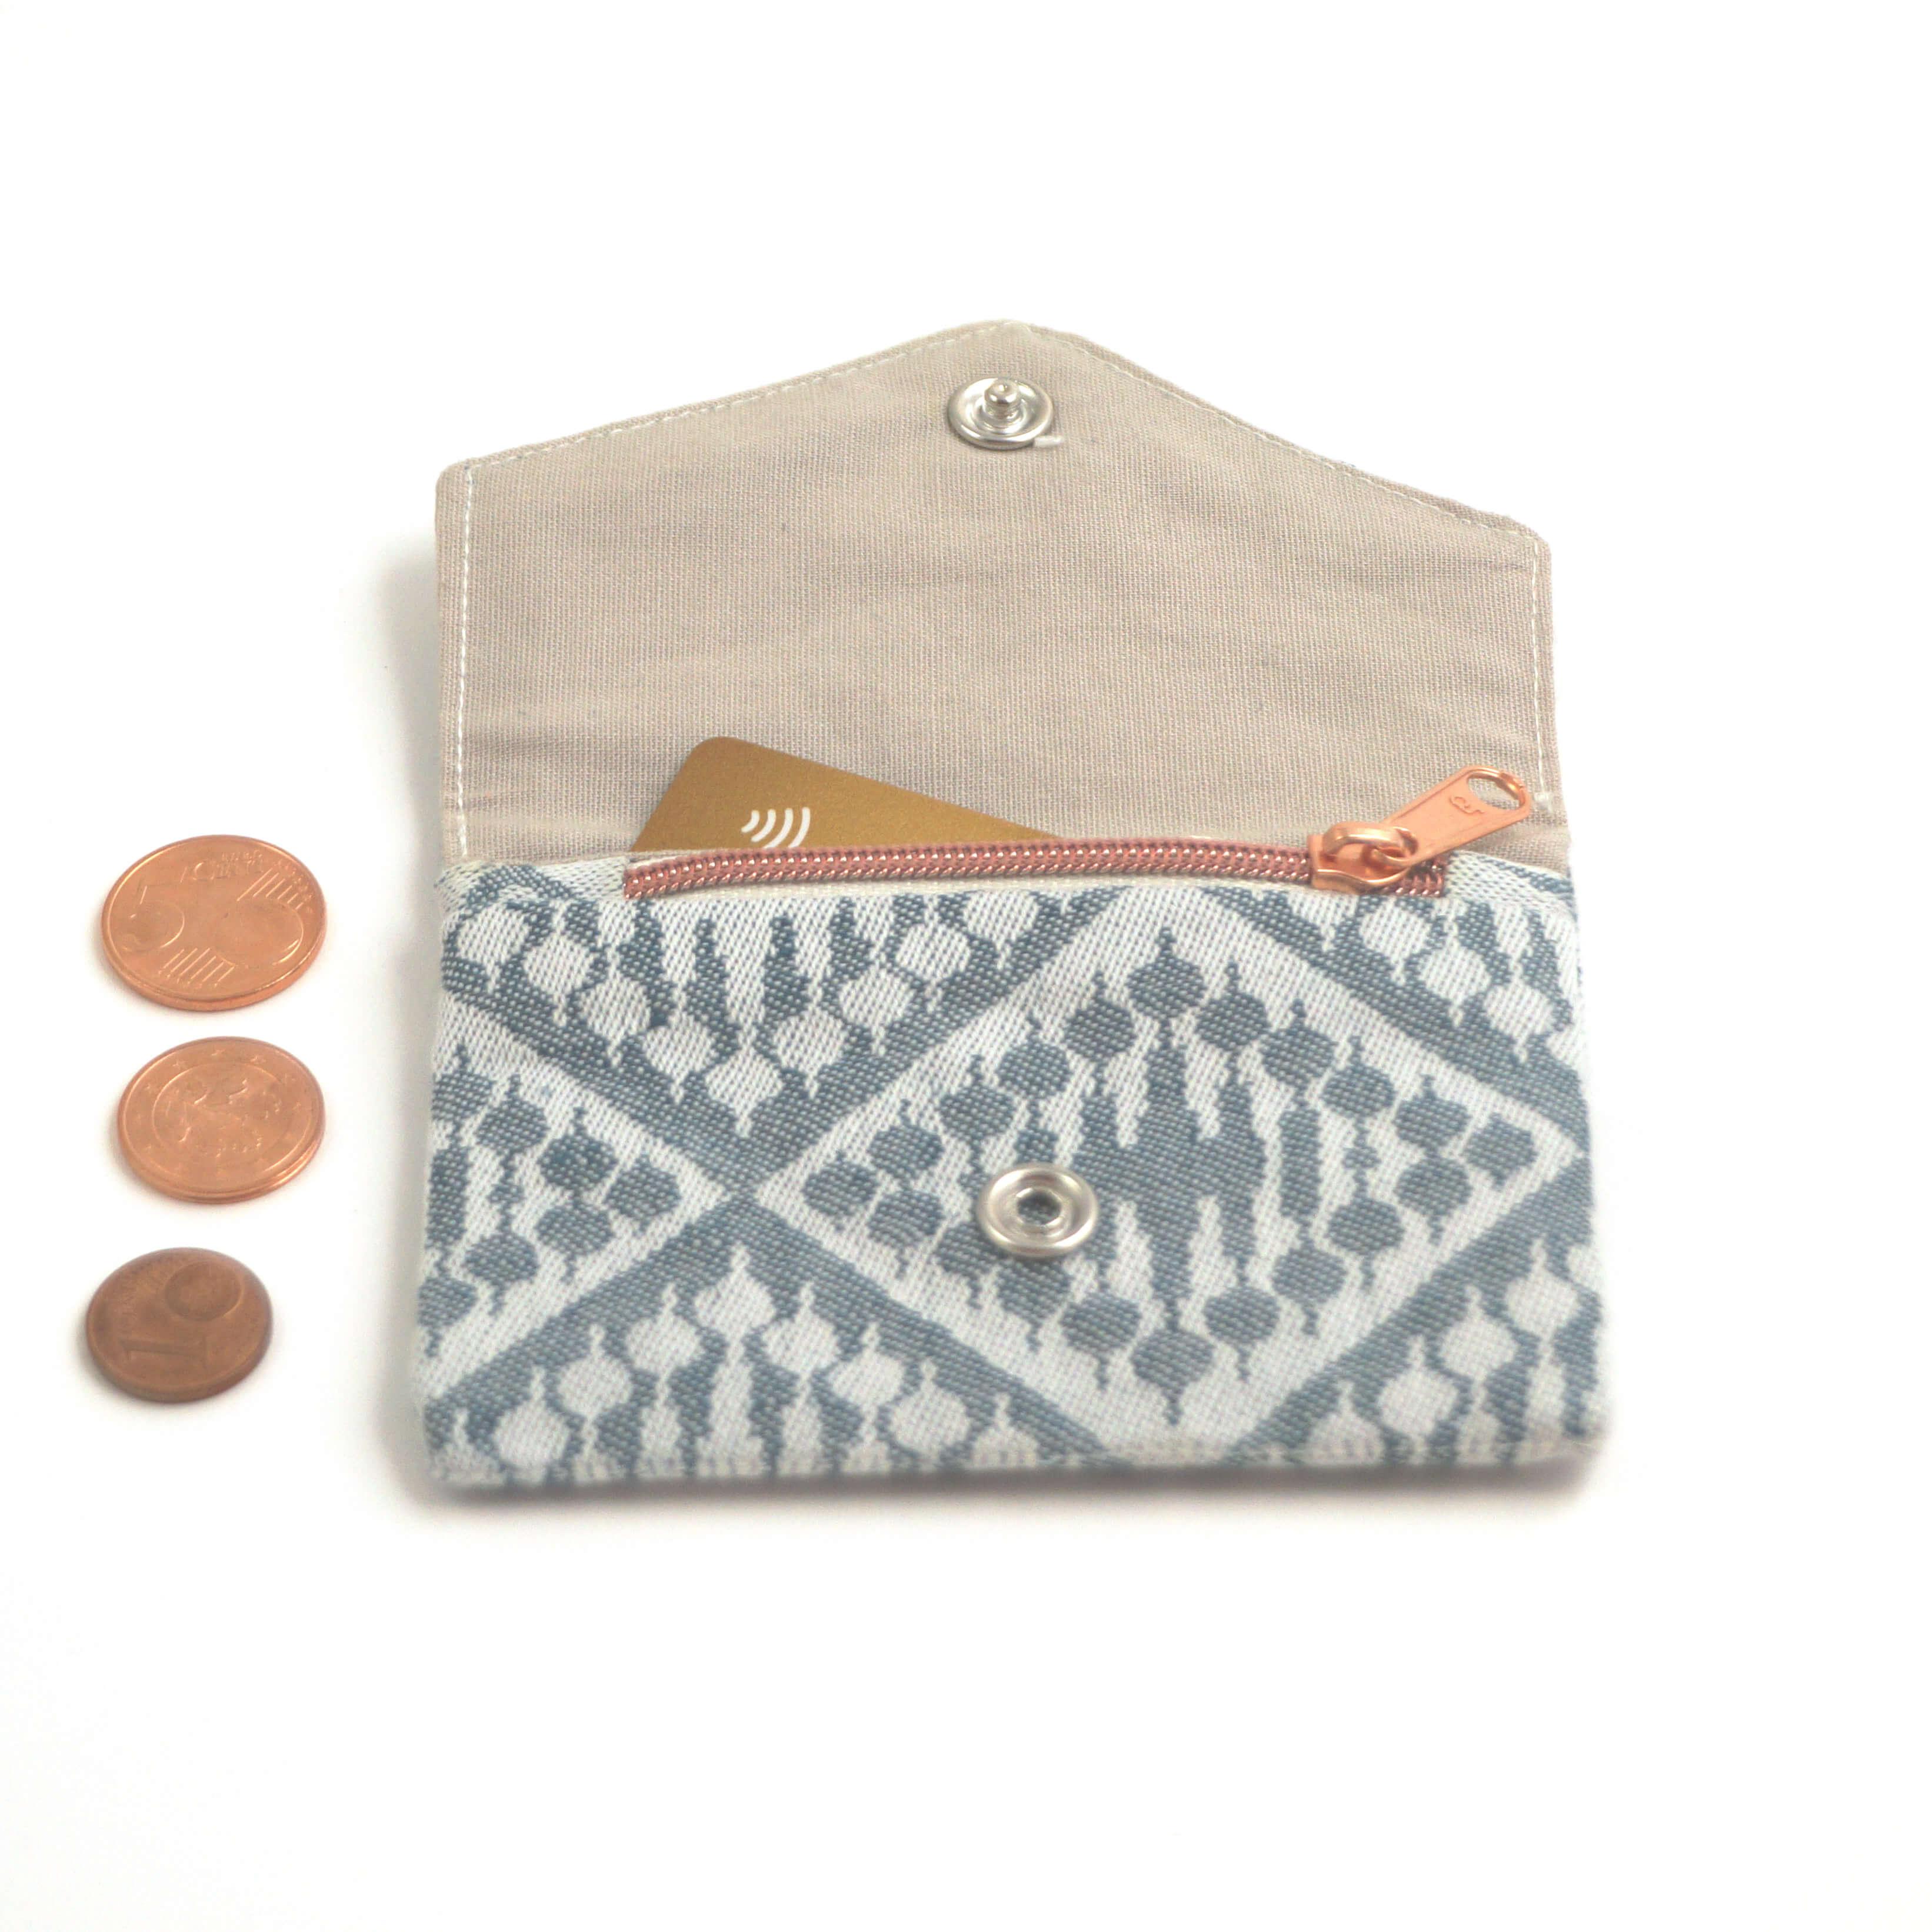 Kleine Geldbörse mit Reißverschluss Tasche FT petrol